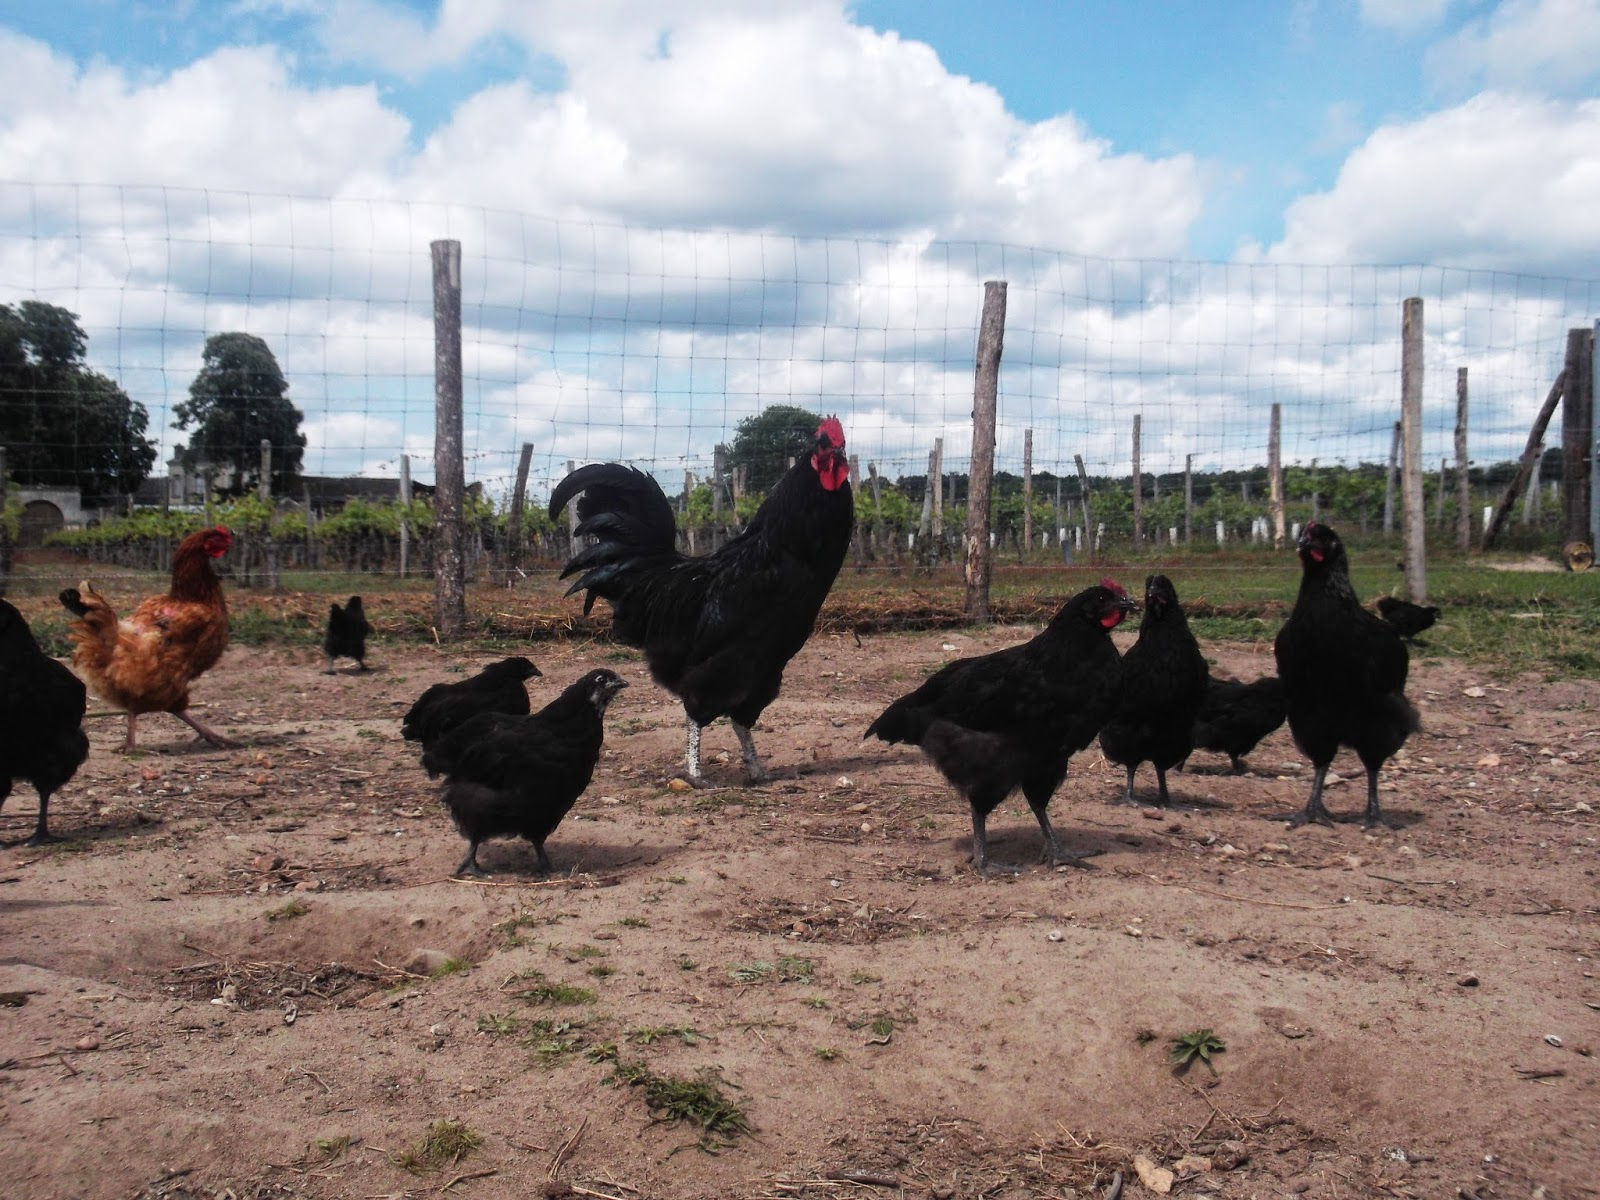 Des poules et des vignes bourgueil traitement de la vigne for Traitement pour les poules